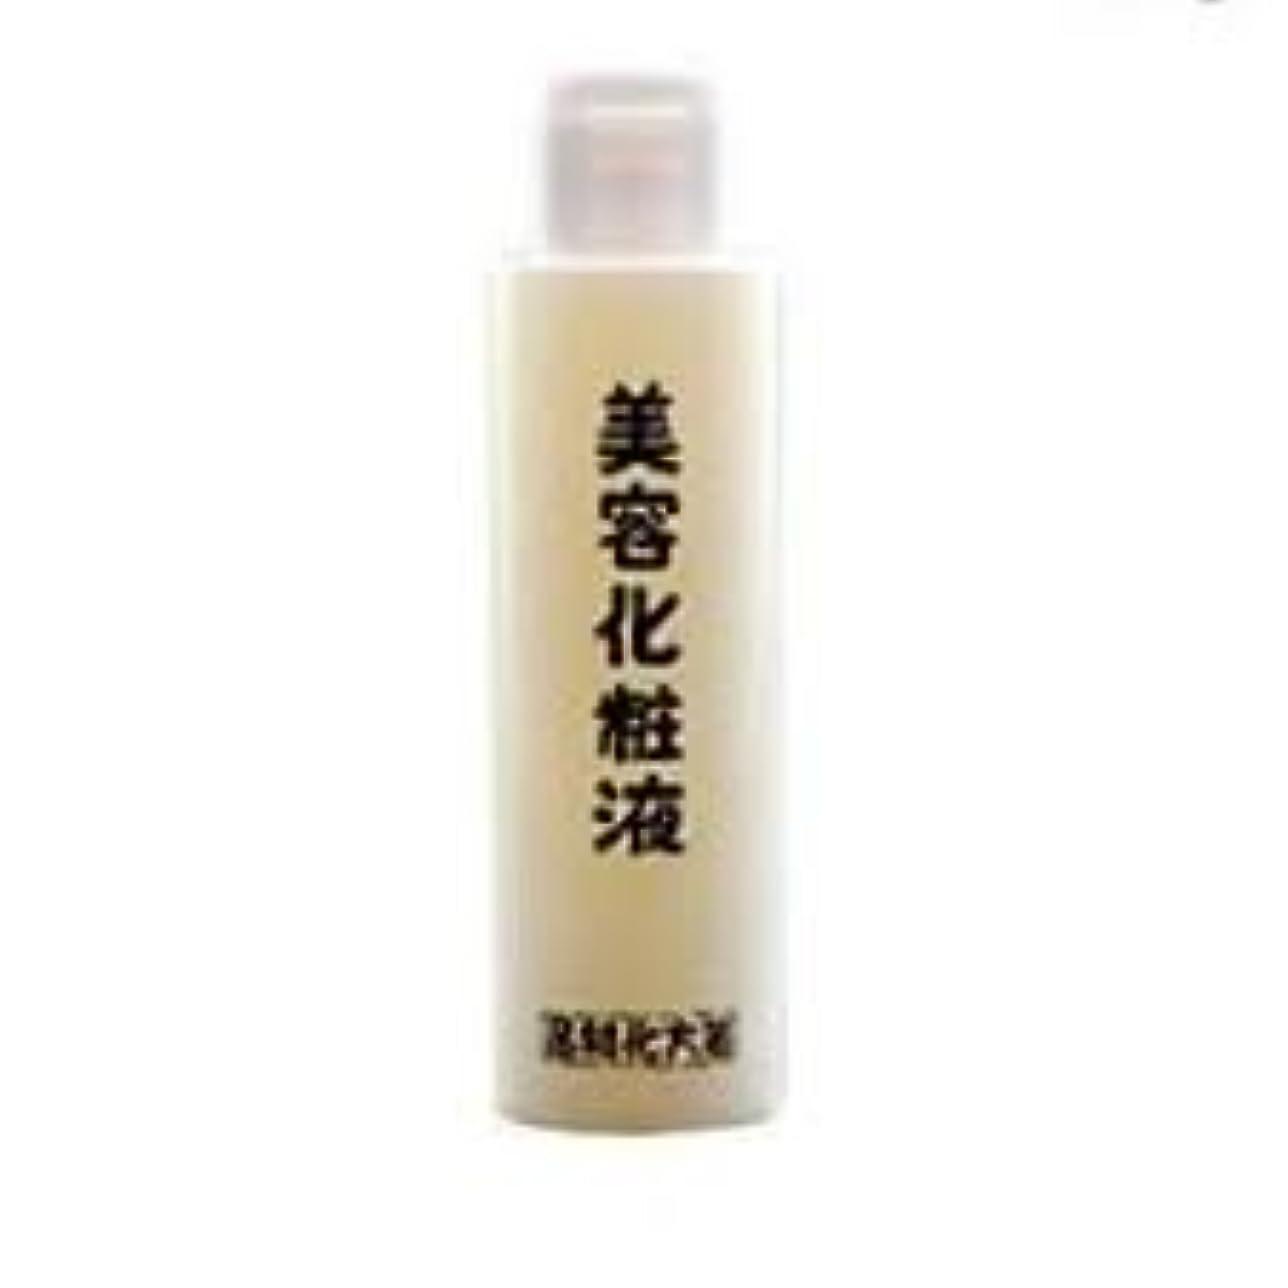 ステップ信号好きである箸方化粧品 美容化粧液 化粧水 120ml はしかた化粧品